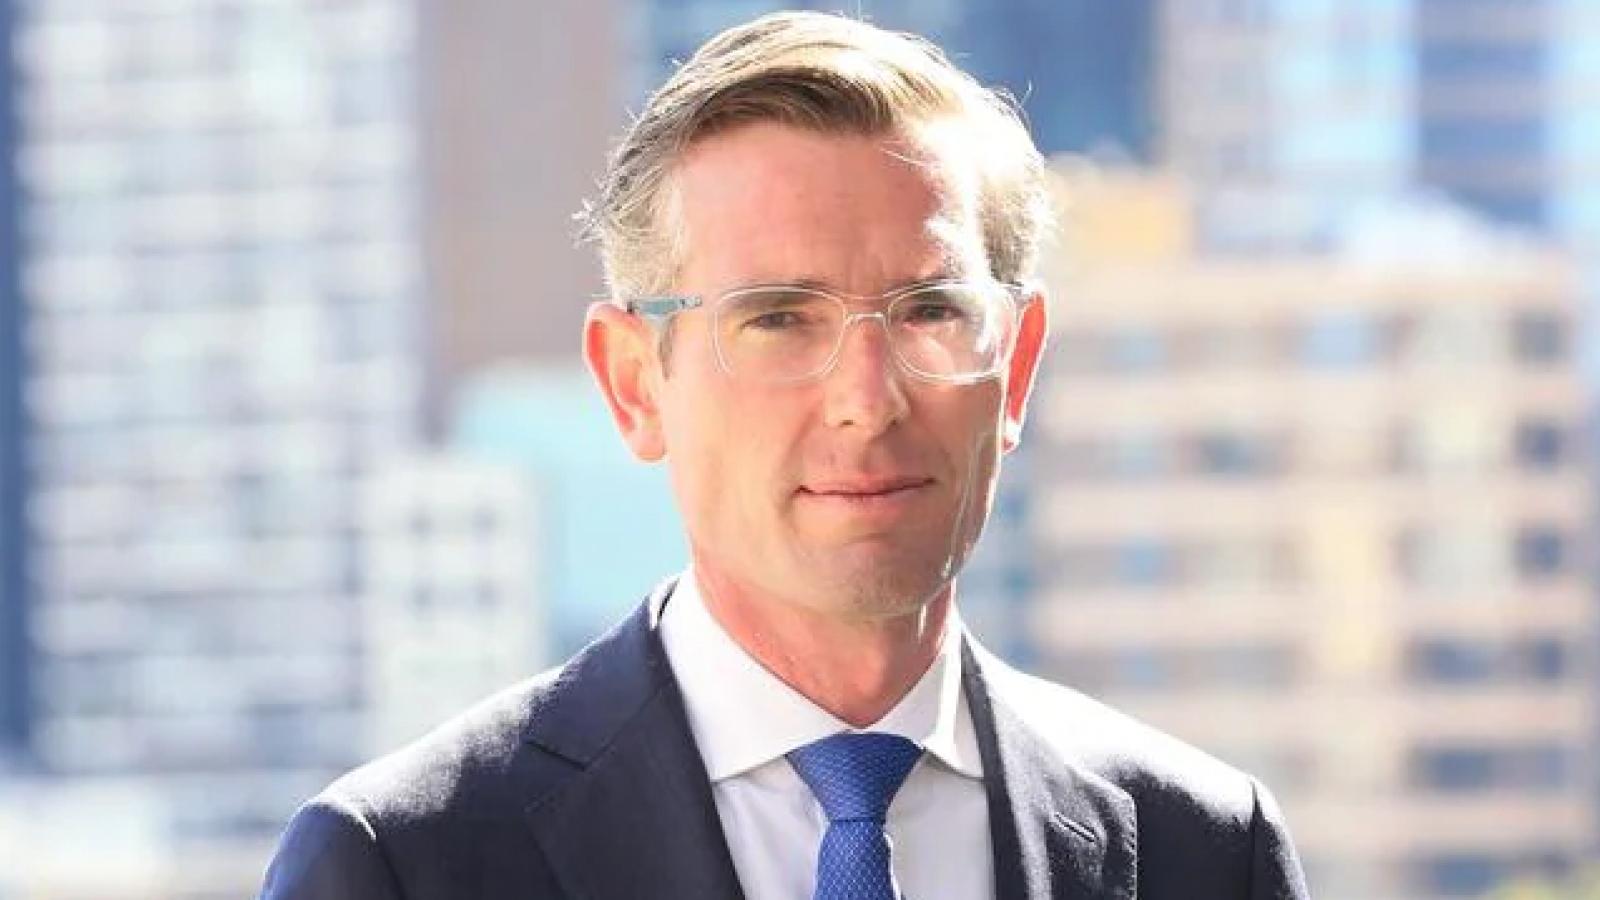 Australia đầu tư 96 triệu AUD thí điểm xây dựng nhà máy sản xuất vaccine công nghệ mRNA